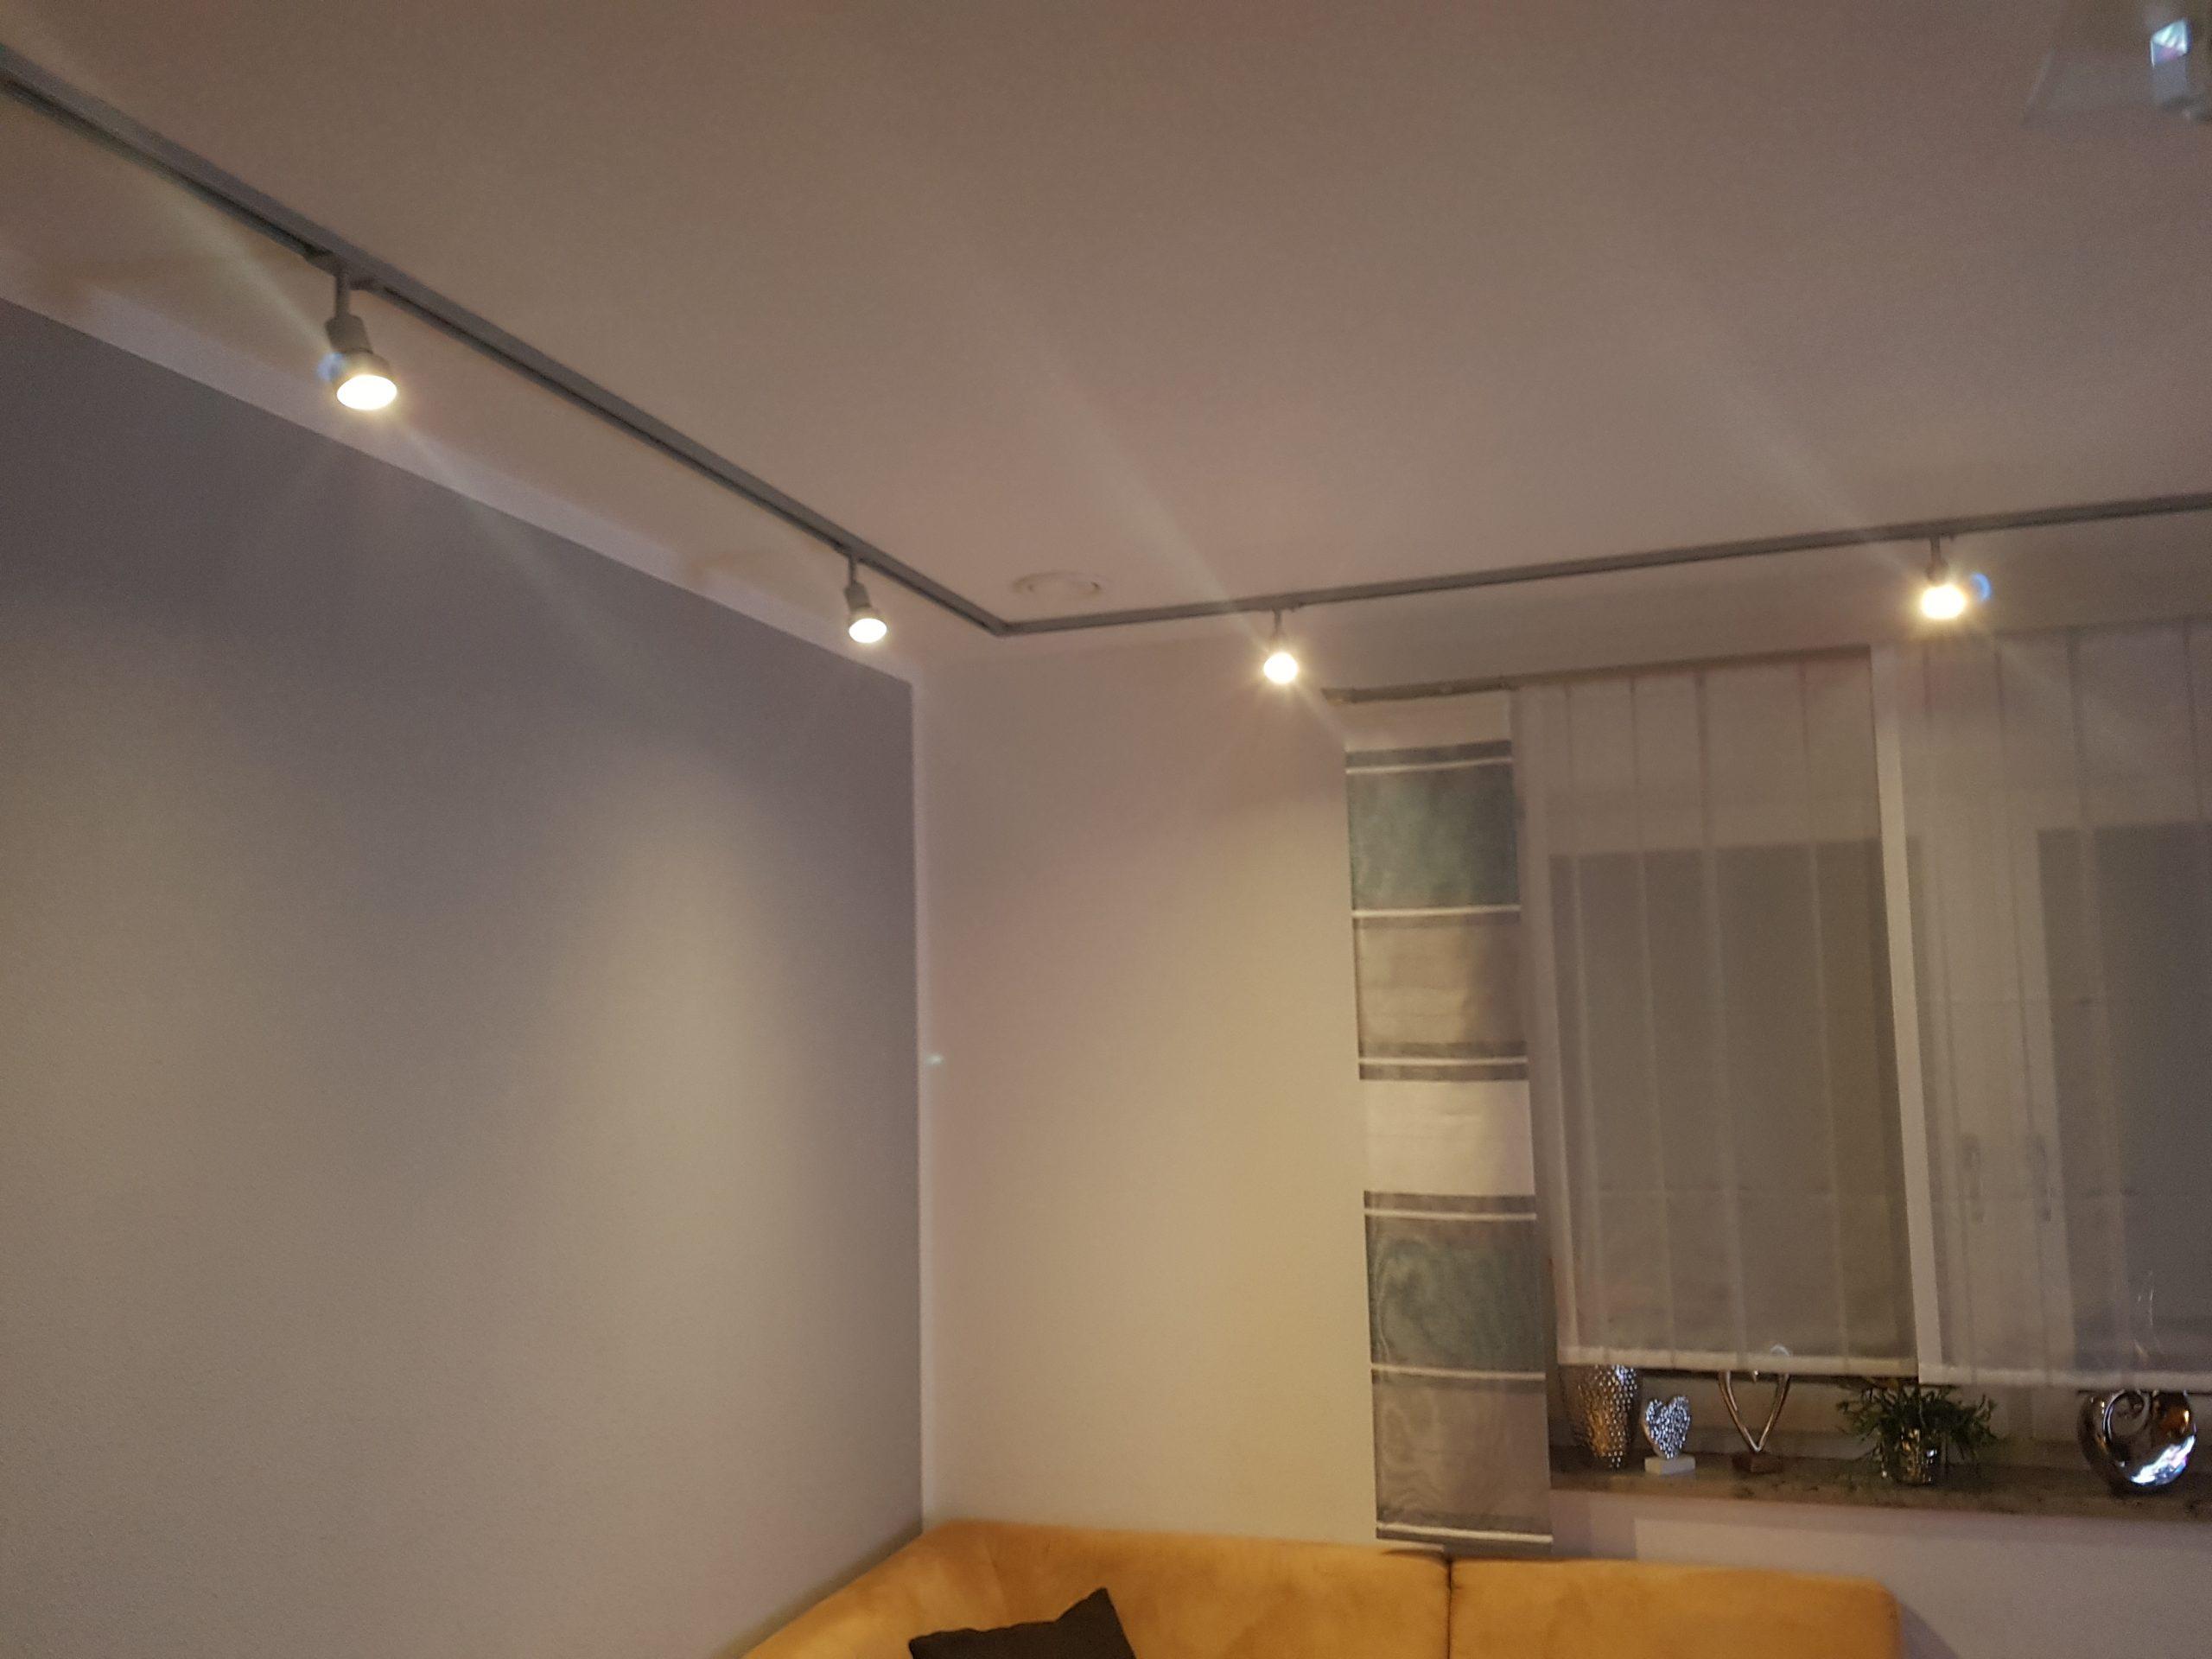 Full Size of Wohnzimmer Indirekte Beleuchtung Wie Sie Ihr Ideal Beleuchten Deckenleuchten Gardinen Für Deckenlampen Heizkörper Stehlampen Liege Vorhang Bilder Modern Wohnzimmer Wohnzimmer Indirekte Beleuchtung